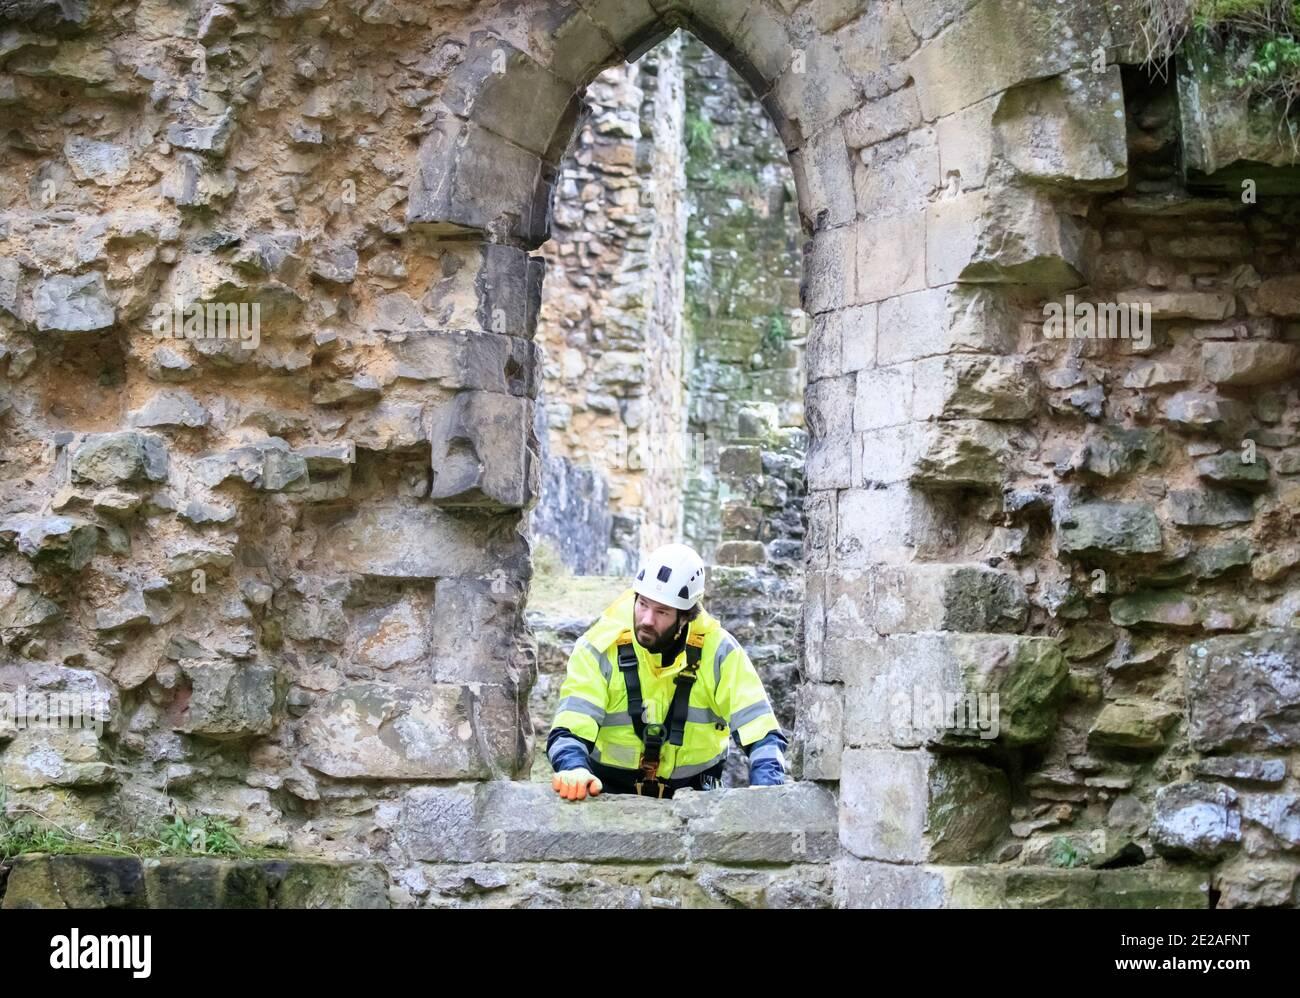 El masón de piedra James Preston de SSH Conservation, examina la Abadía de Rievaulx en North Yorkshire mientras el Patrimonio Inglés se prepara para llevar a cabo un trabajo vital de conservación. El Patrimonio Inglés comisiona una encuesta en la Abadía de Rievaulx en un ciclo de cinco años para evaluar la condición de la abadía desde el nivel del suelo hasta la parte superior de la estructura. Foto de stock